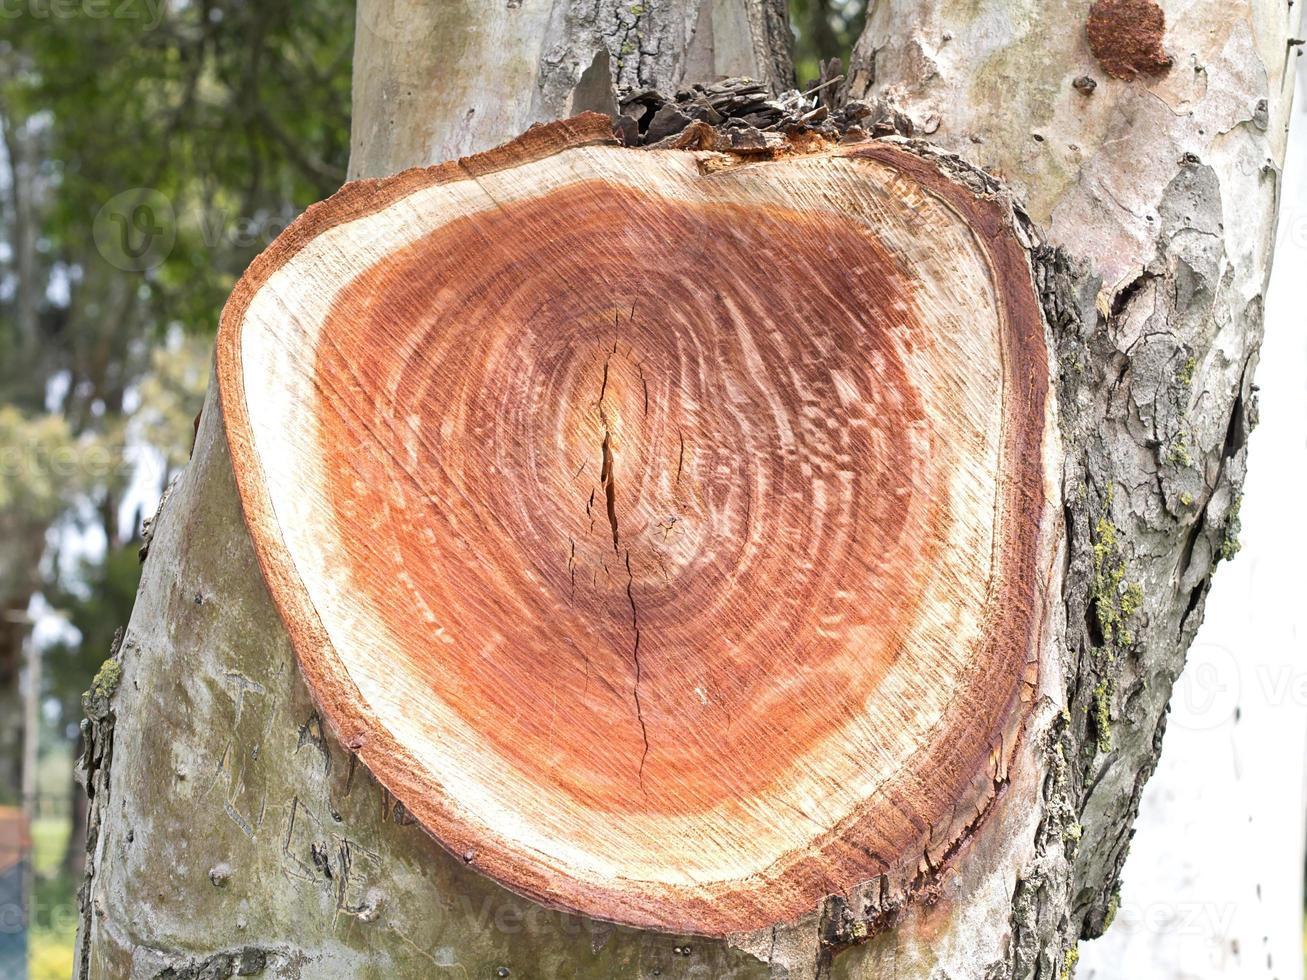 anéis concêntricos na madeira do tronco da árvore foto